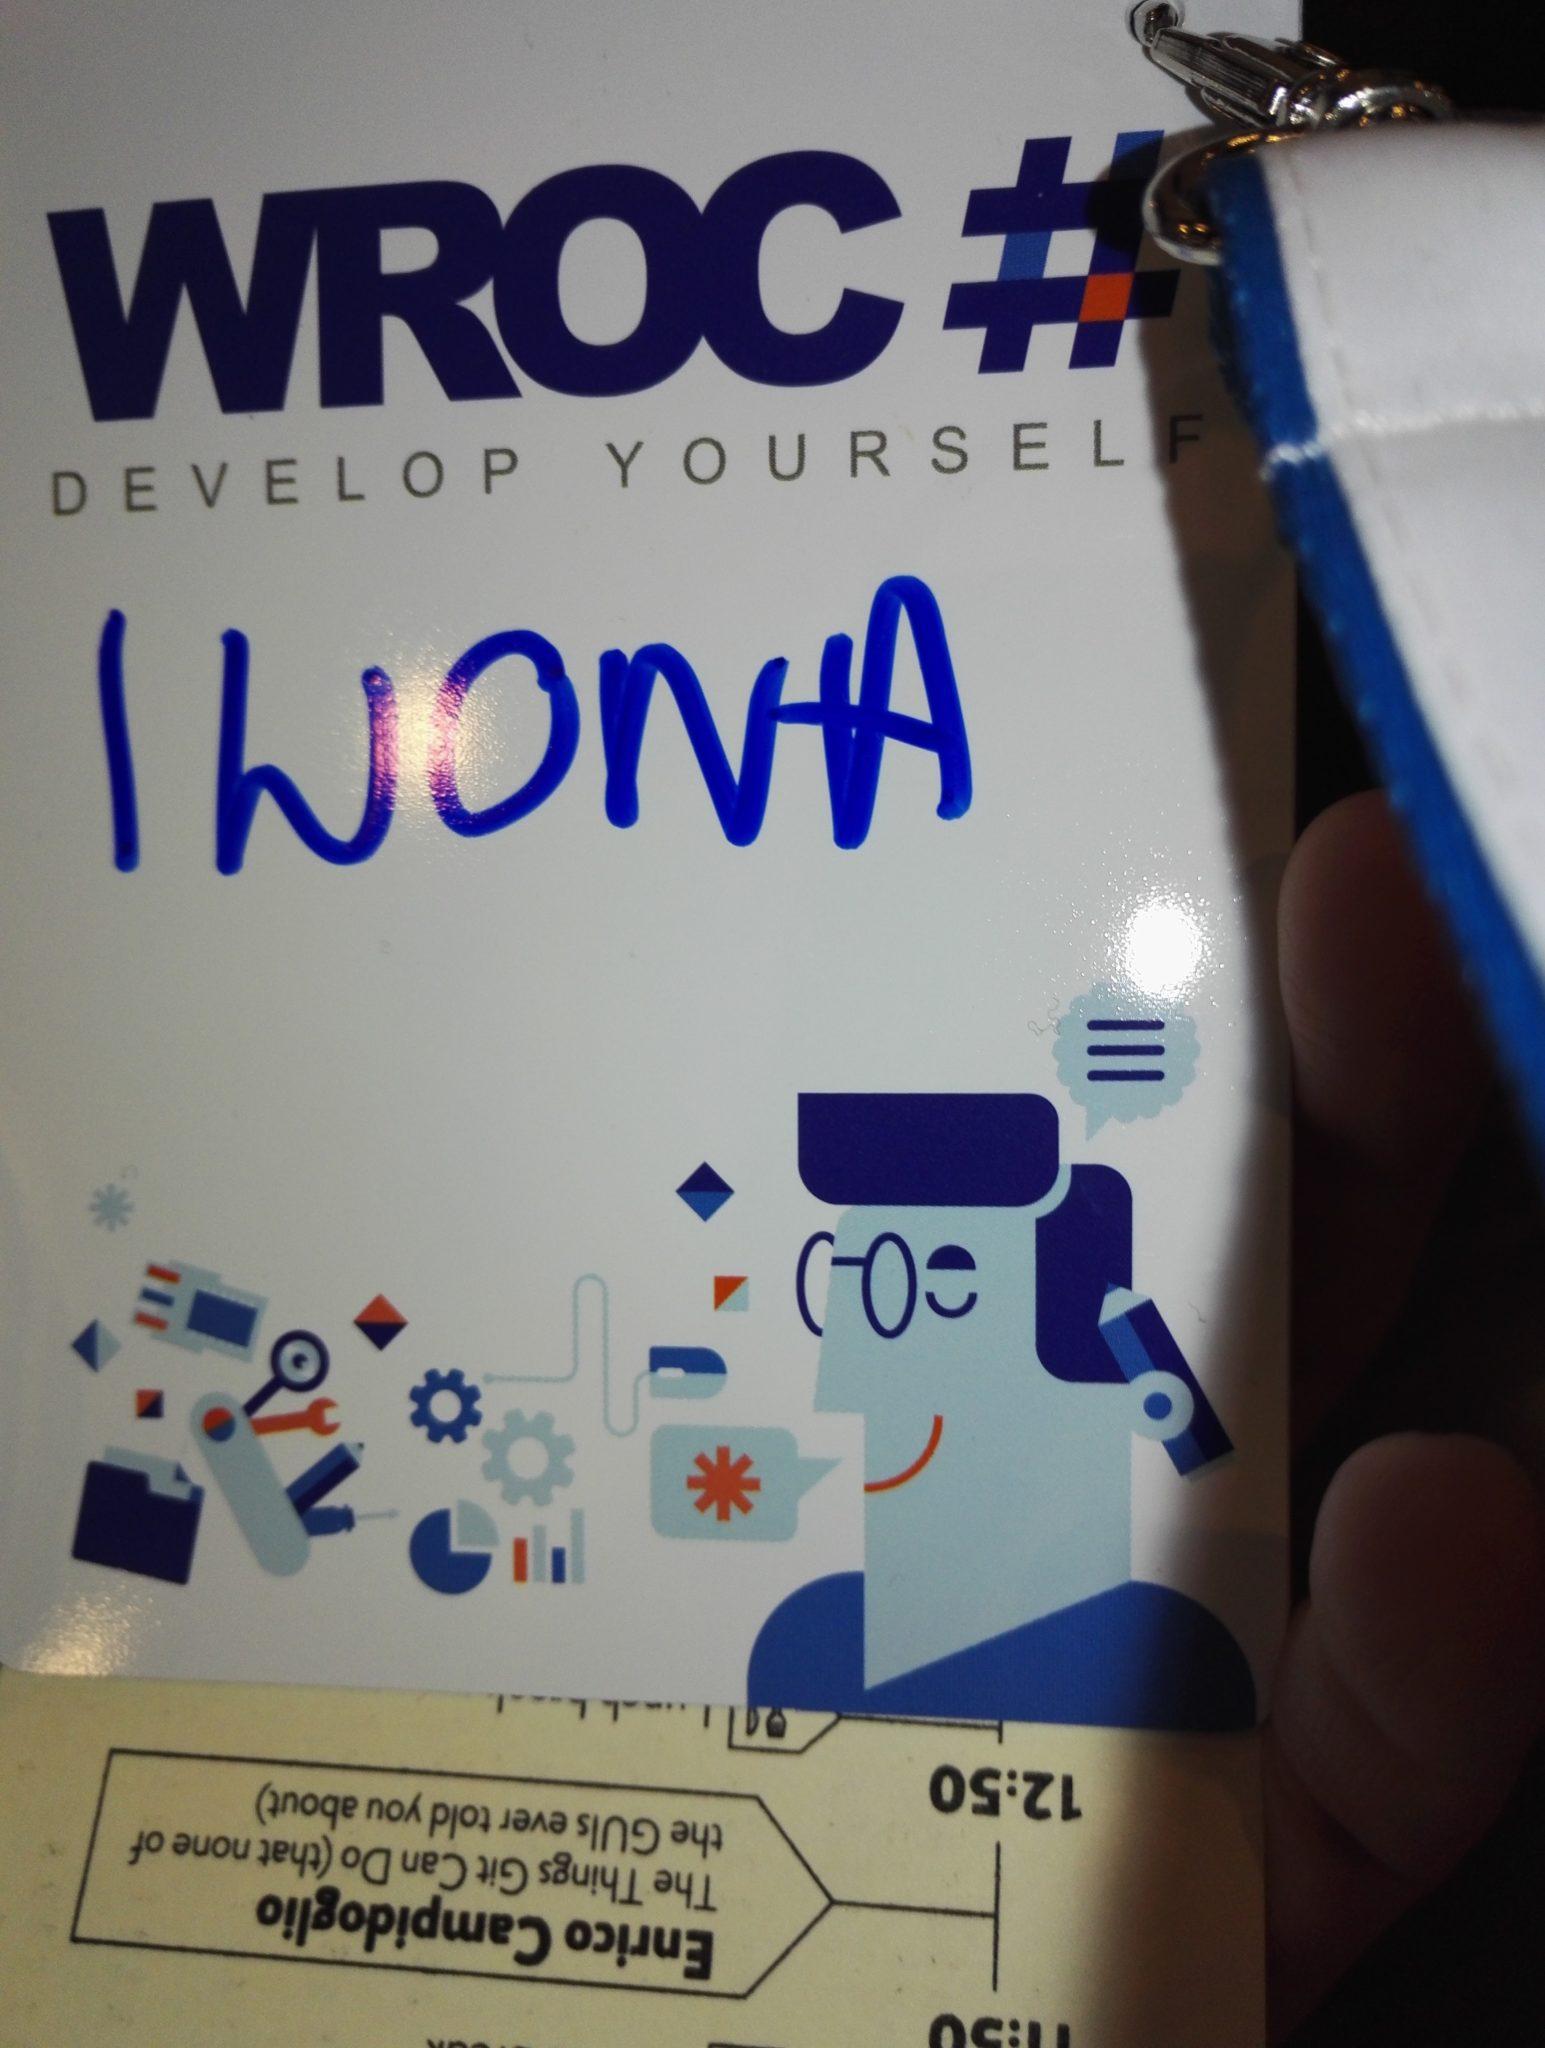 WROC#